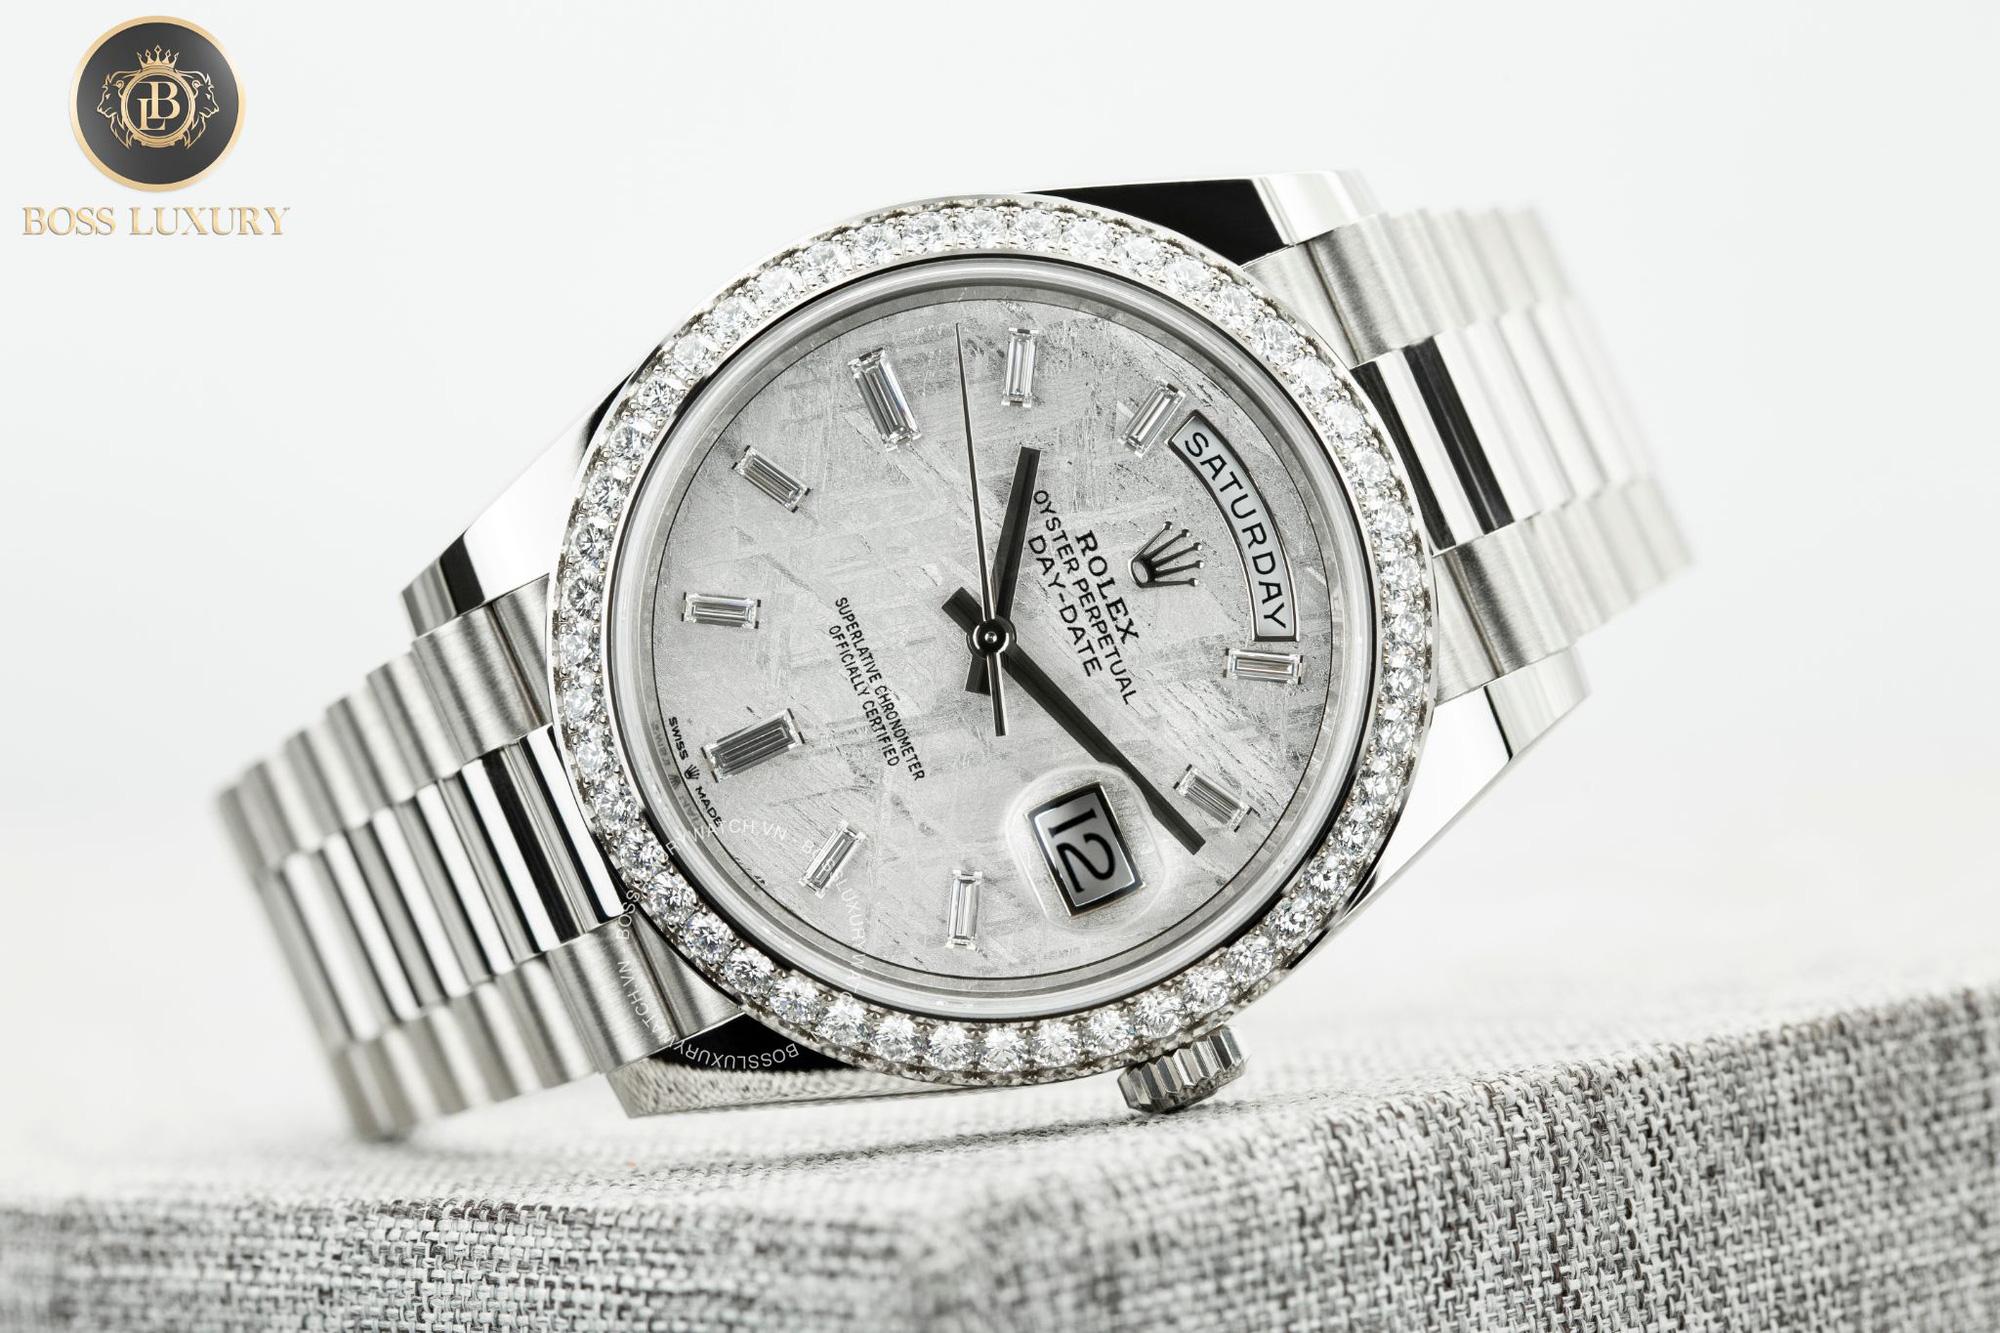 """Boss Luxury """"bật mí"""" bí quyết nâng tầm phong cách với đồng hồ Rolex kim cương lấp lánh - Ảnh 4."""